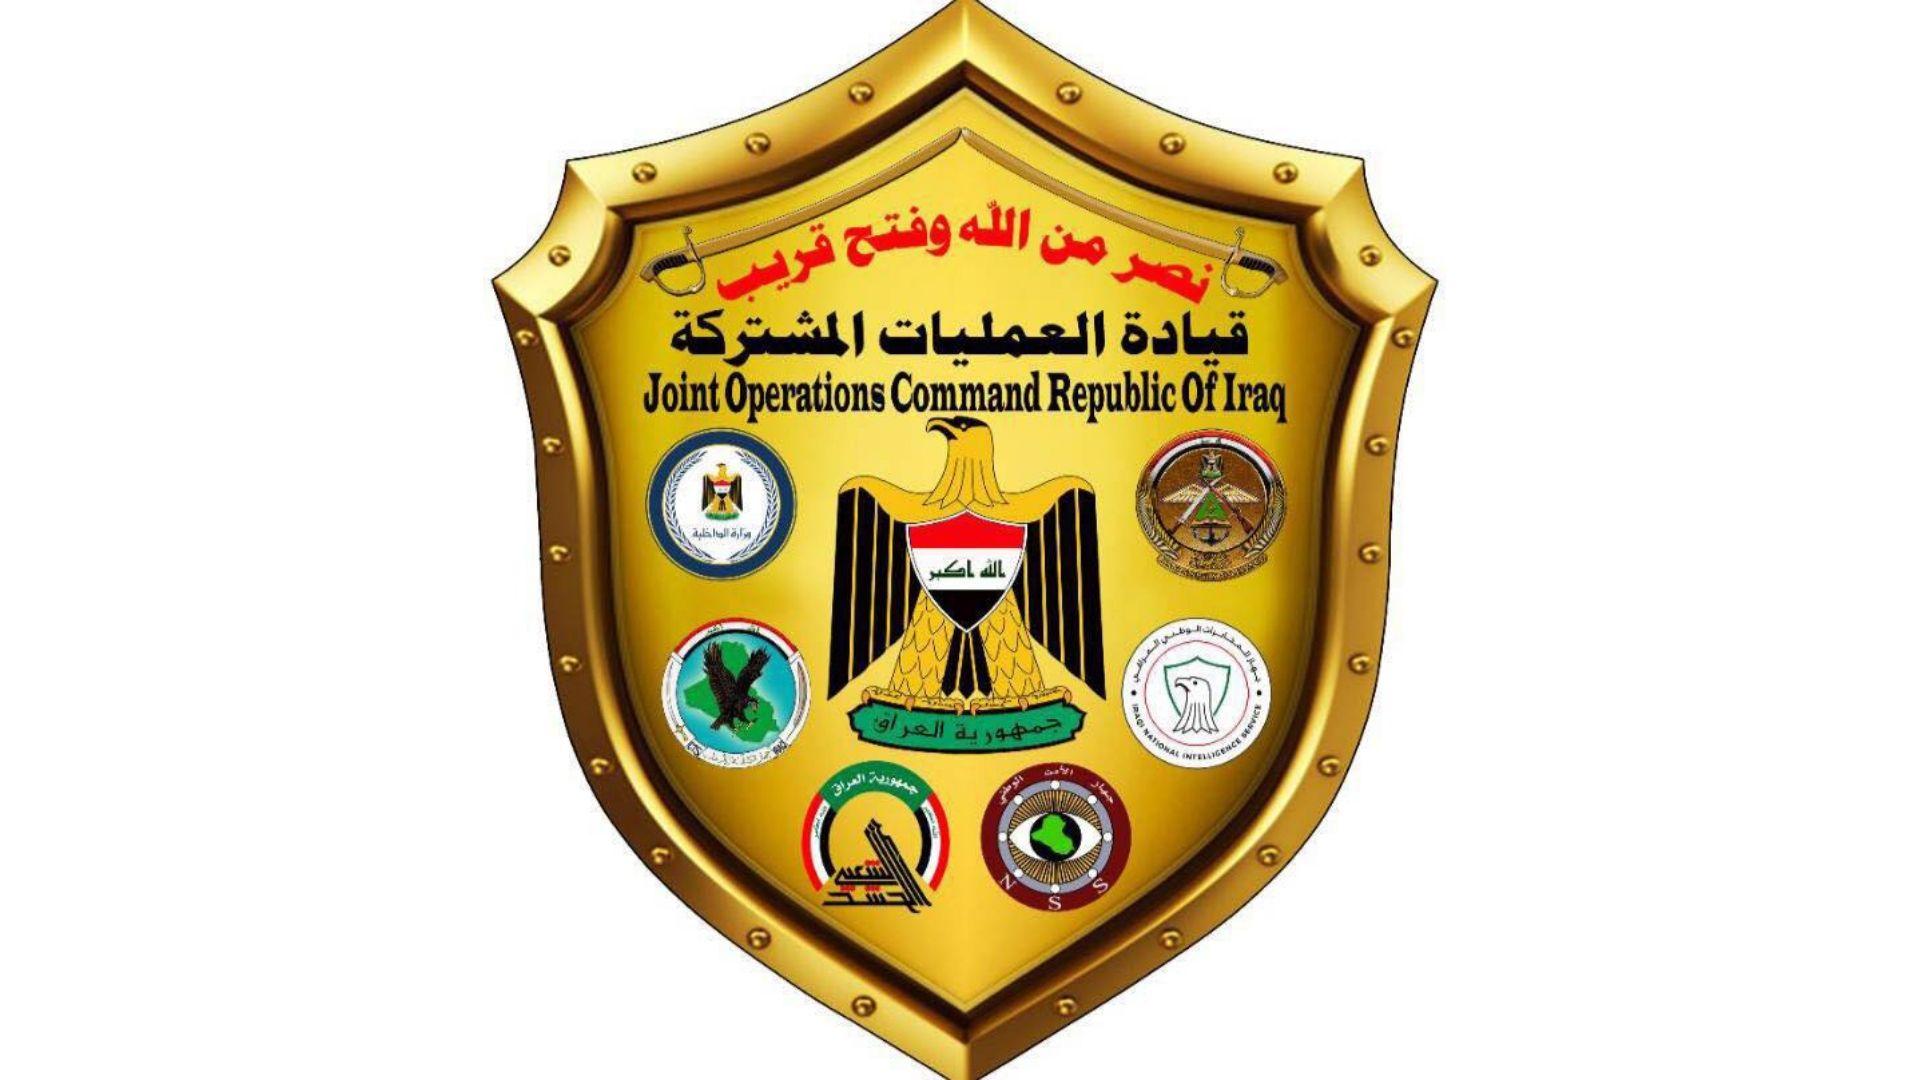 العمليات المشتركة: استطعنا تأمين الزيارات بالرغم من تهديدات داعش